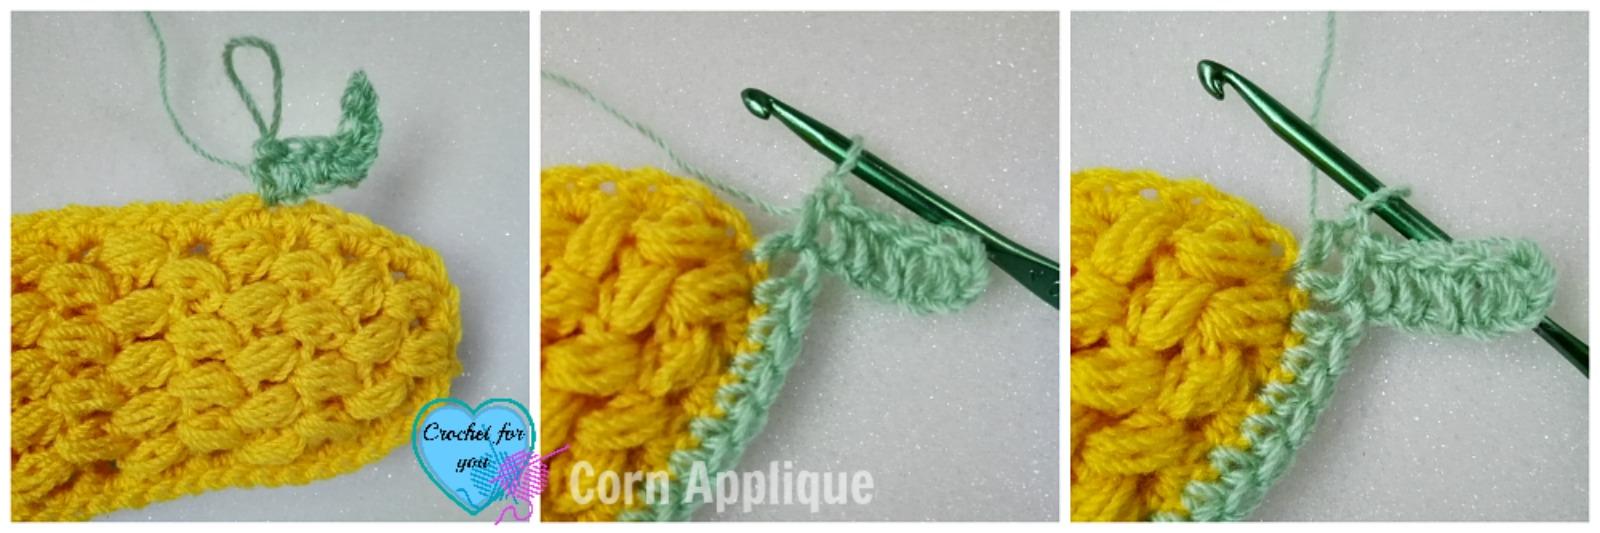 Crochet Corn Applique - free pattern